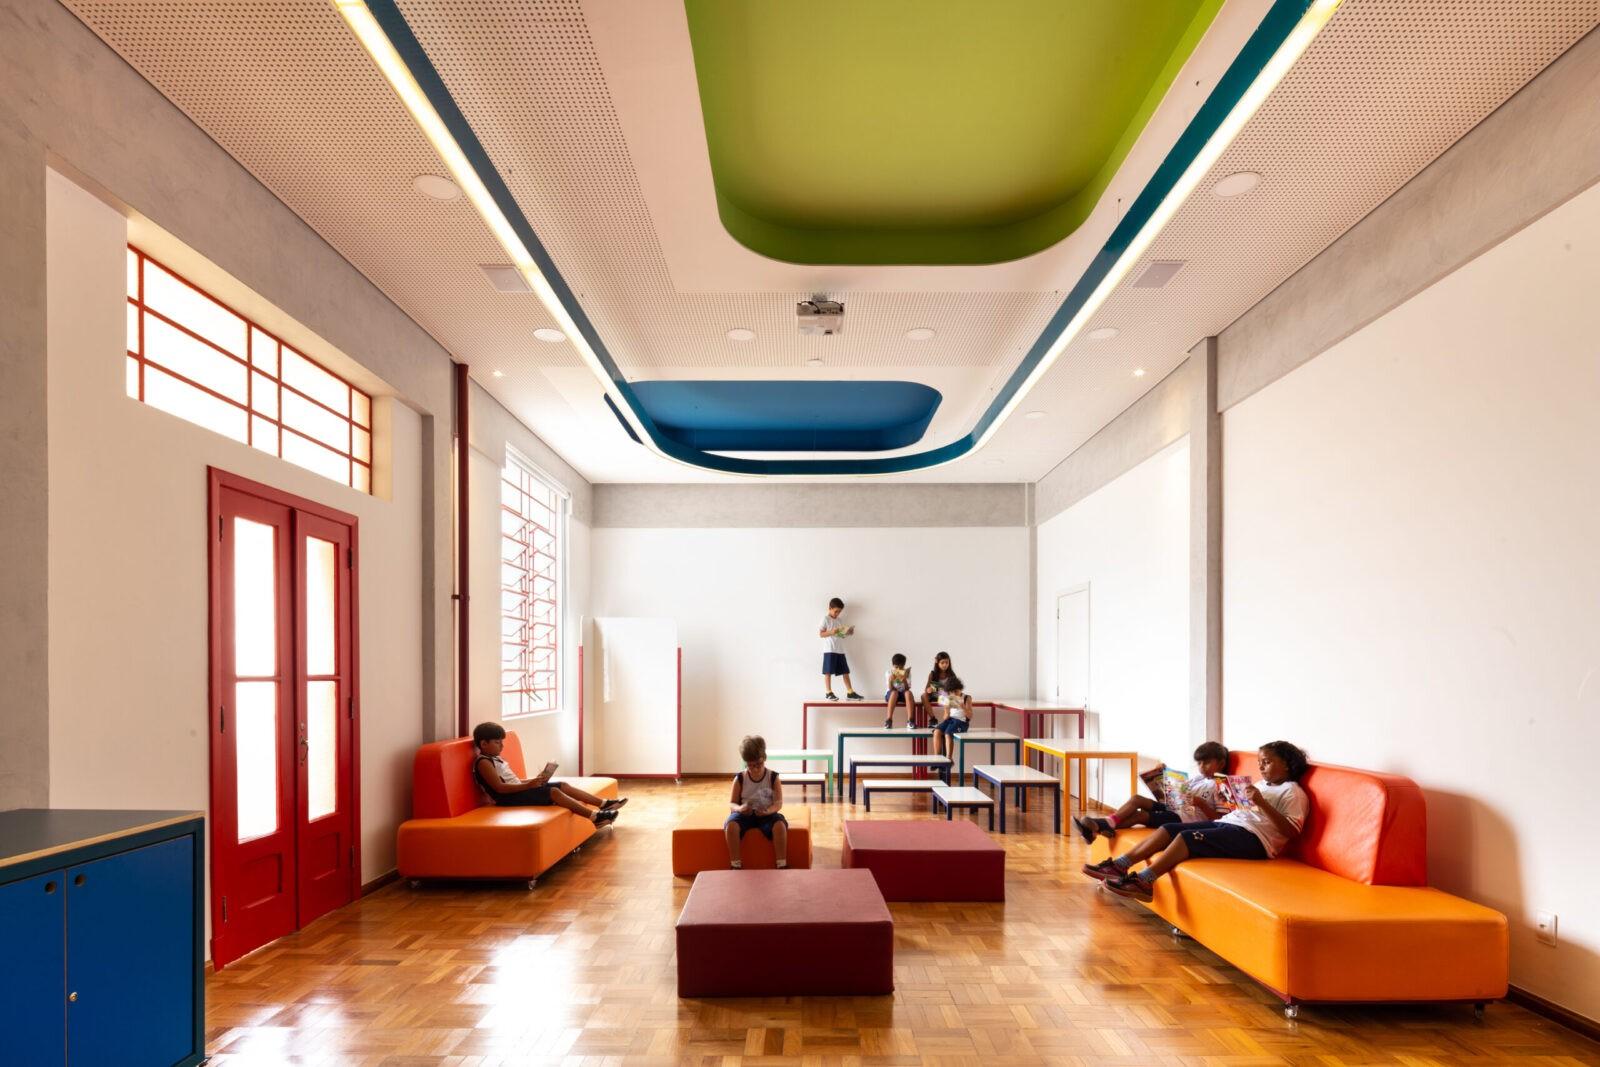 Projeto de arquitetura de interiores para o Santa Marcelina. Espaços de aprendizagem e makerspace